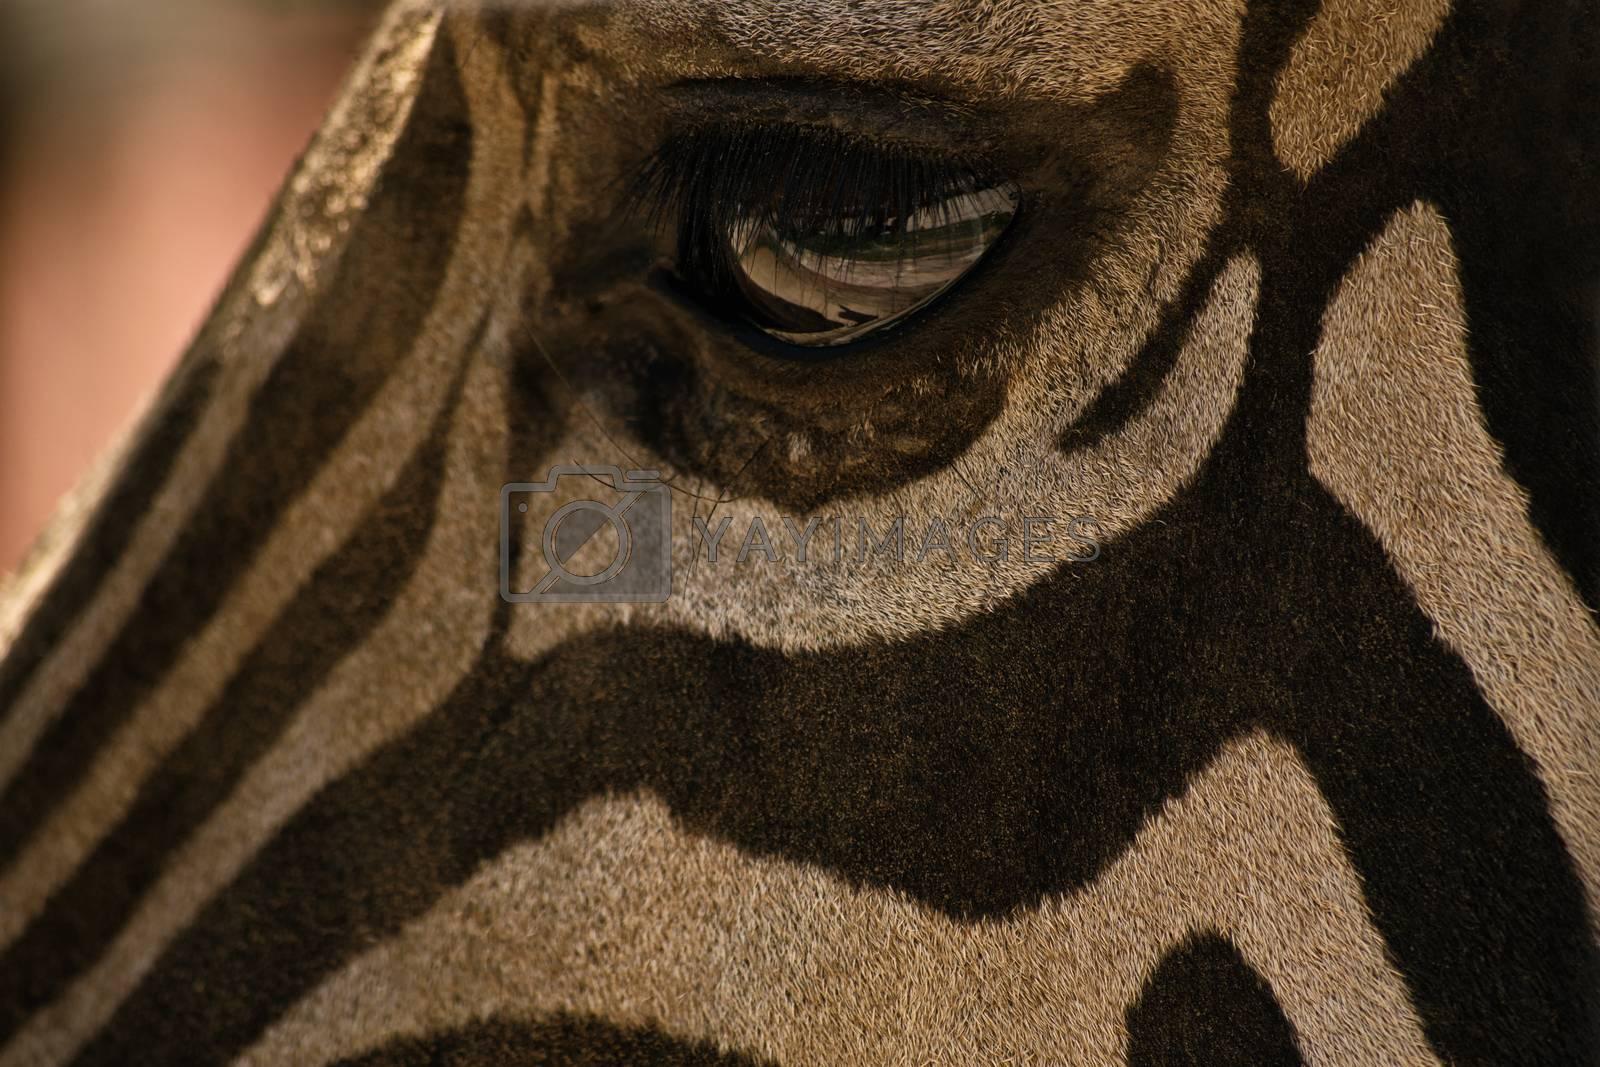 Close up shot of an eye of a zebra.